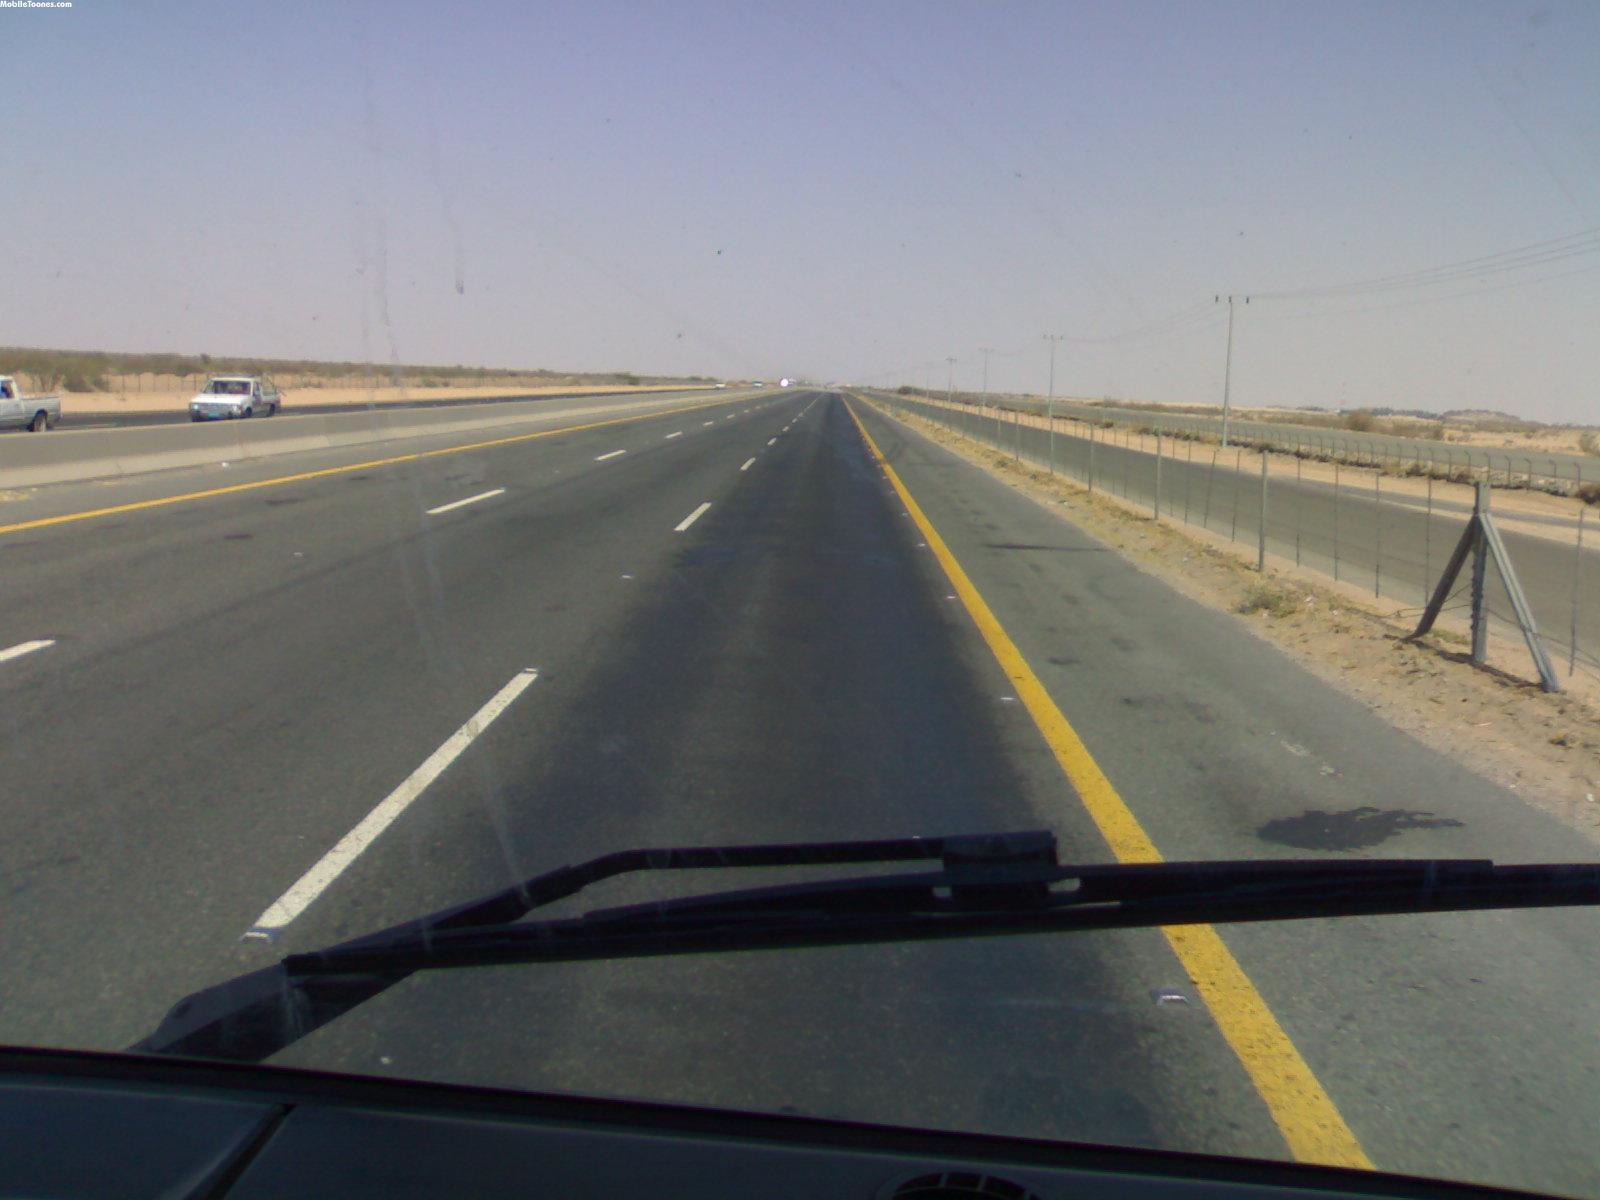 Saudi Arabia Road Mobile Wallpaper